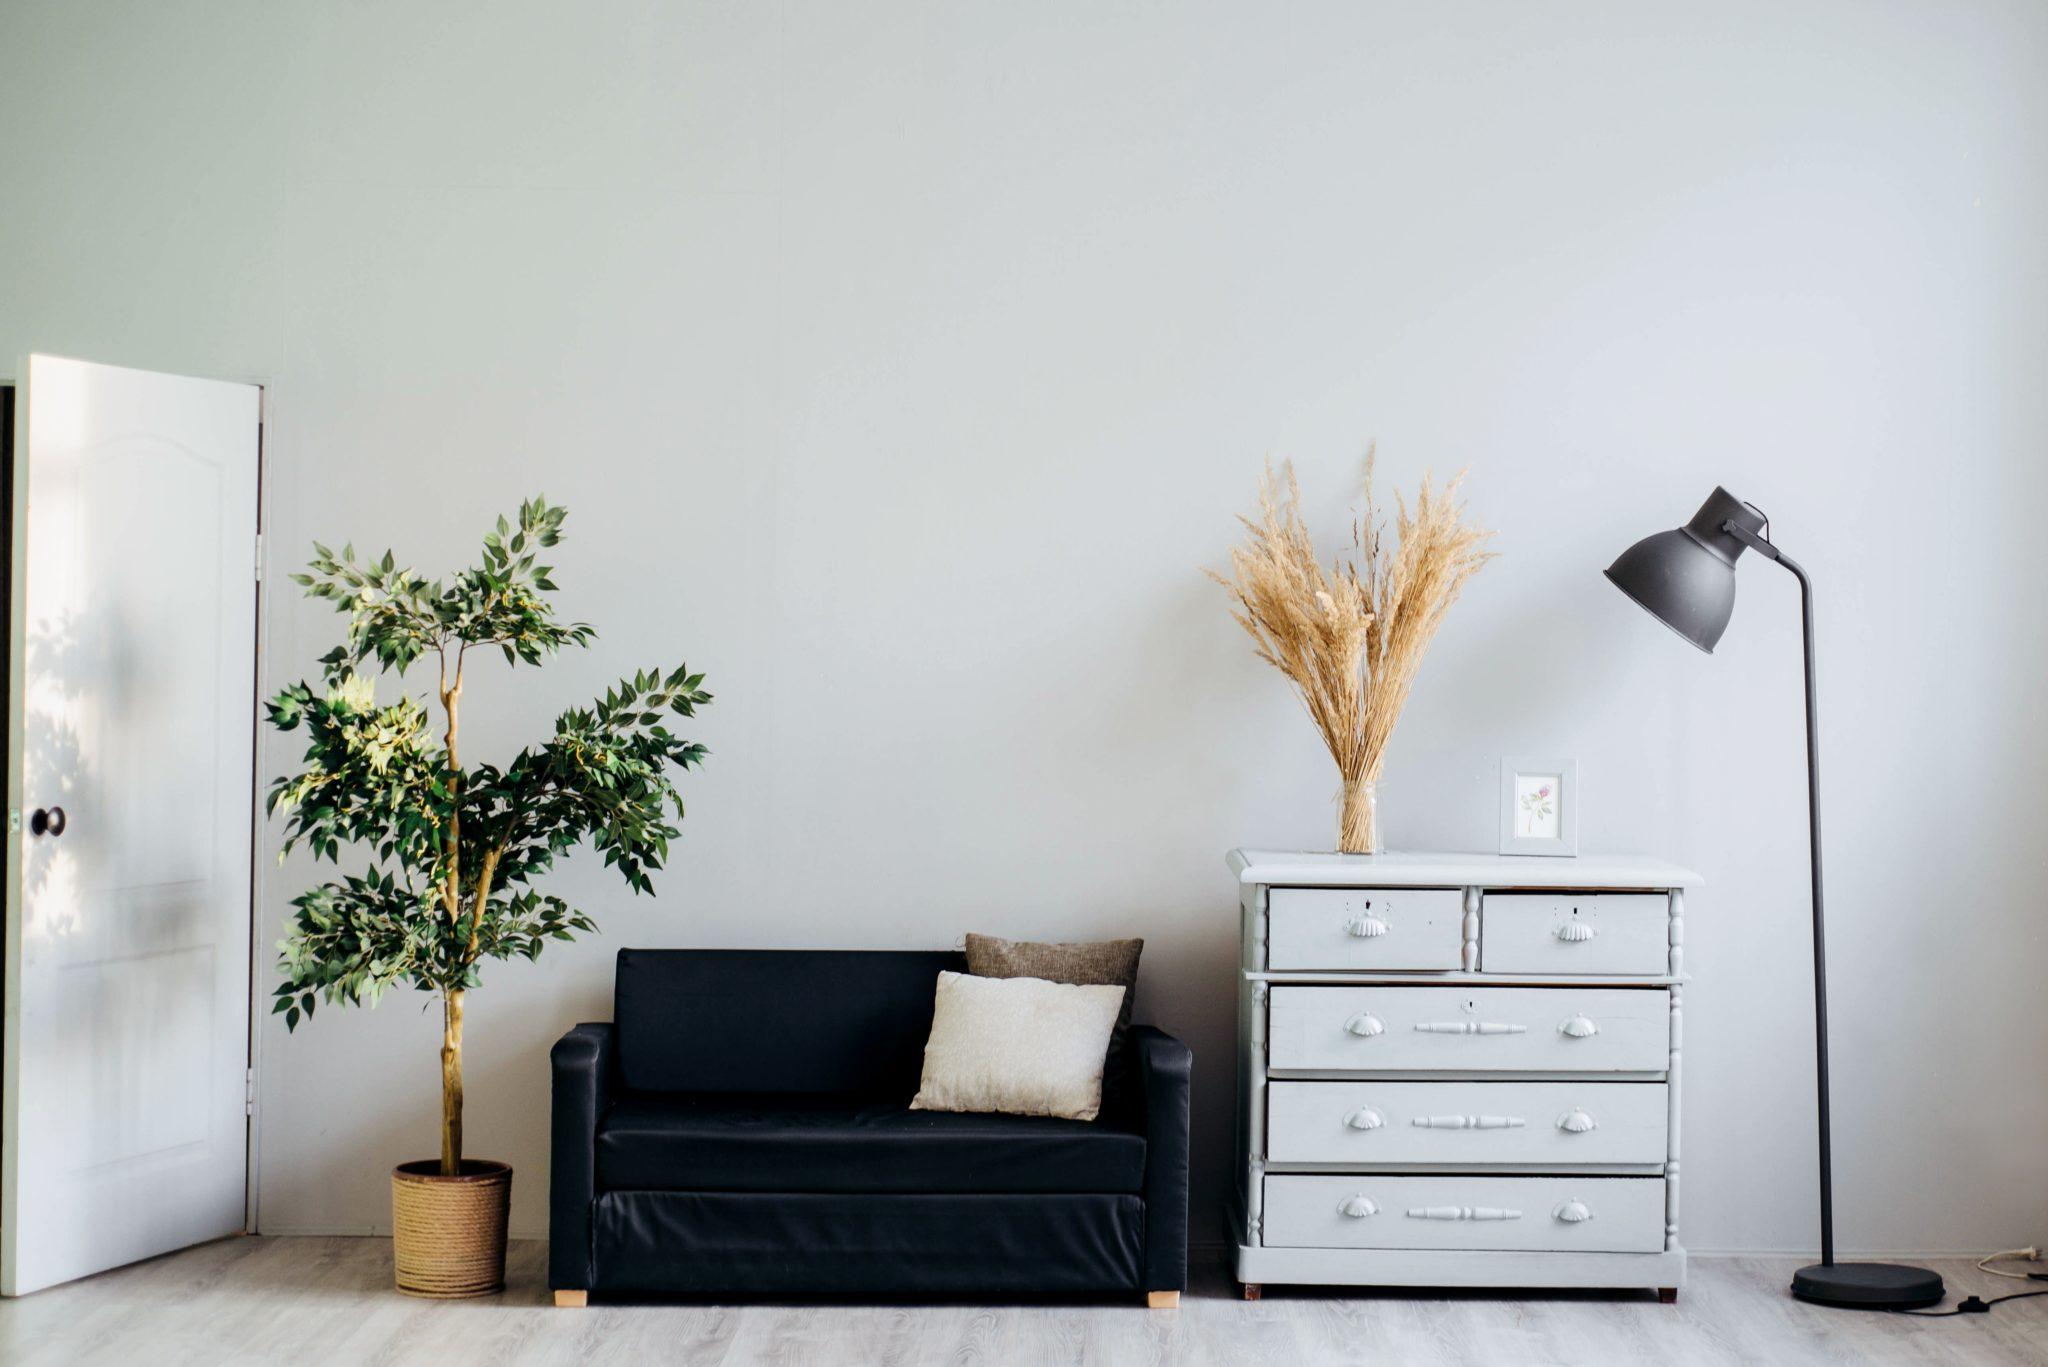 Vide appart les 8 avantages pour mieux vendre ses meubles le blog les cartons - Vendre ses meubles d occasion ...